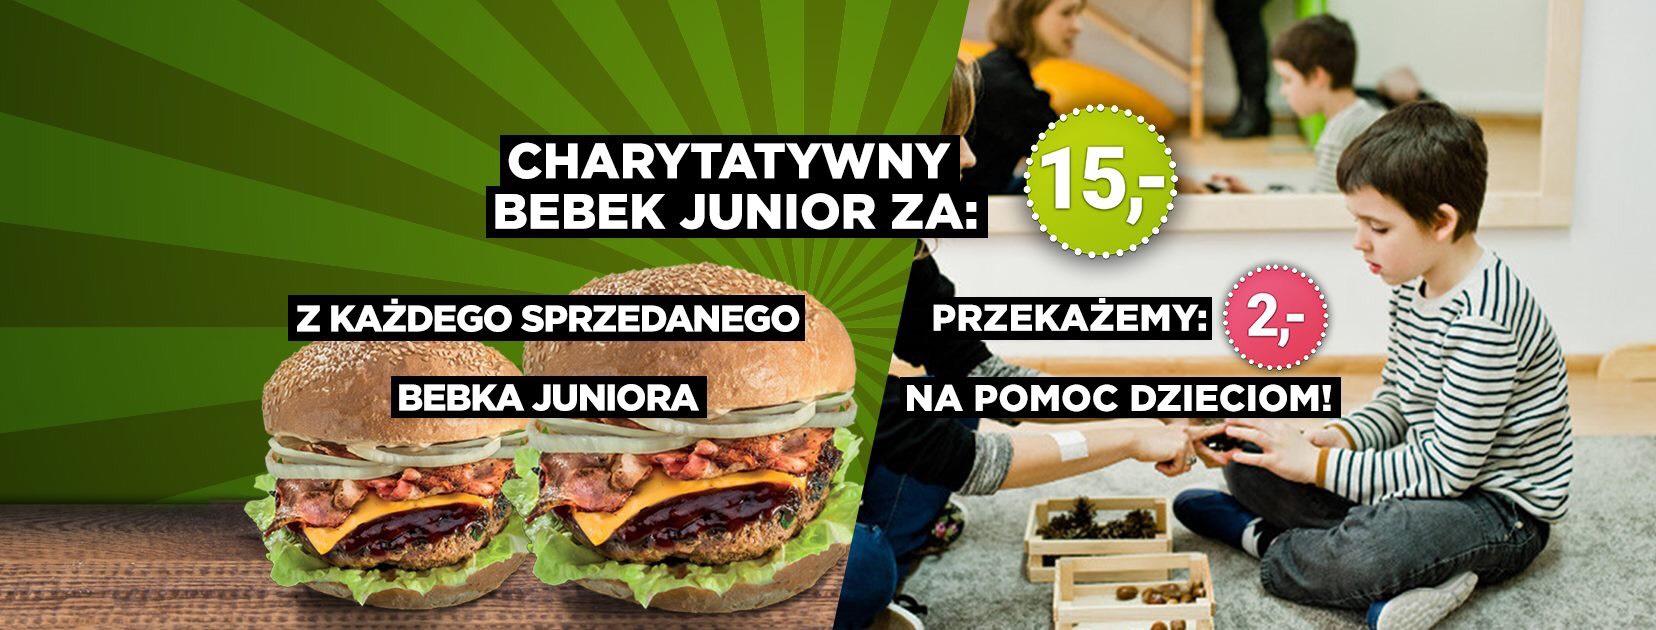 Pasibus - Benek Junior za 15 zł (w tym 2 zł na pomoc dzieciom)